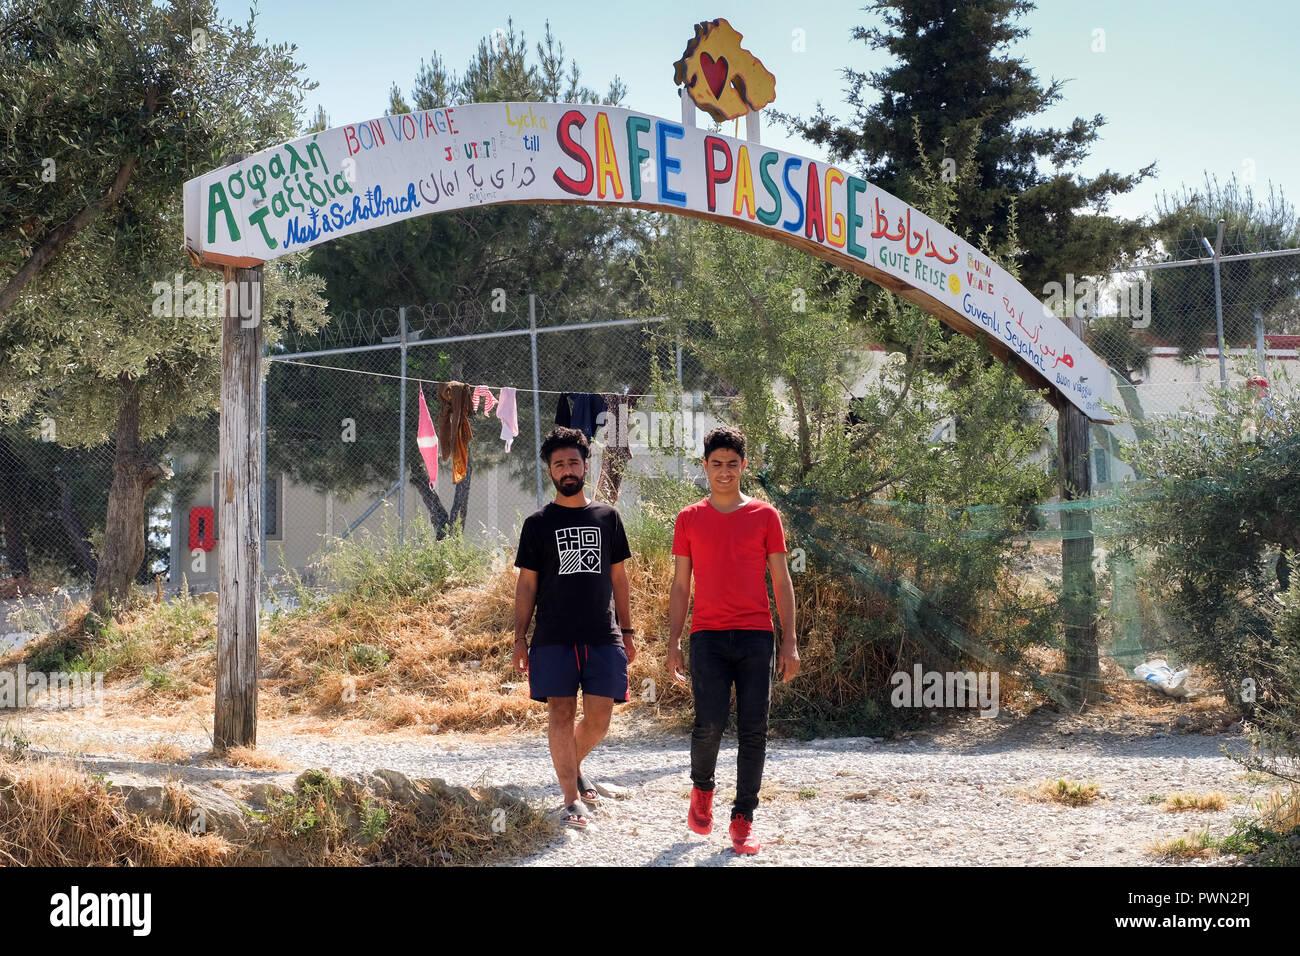 Zeltcamp neben dem Lager MORIA CAMP für Flüchtlinge, die mit einem Boot vom der nahen Türkei herübergekommen sind. Insel Lesbos, Griechenland, Mai 2018 - Stock Image